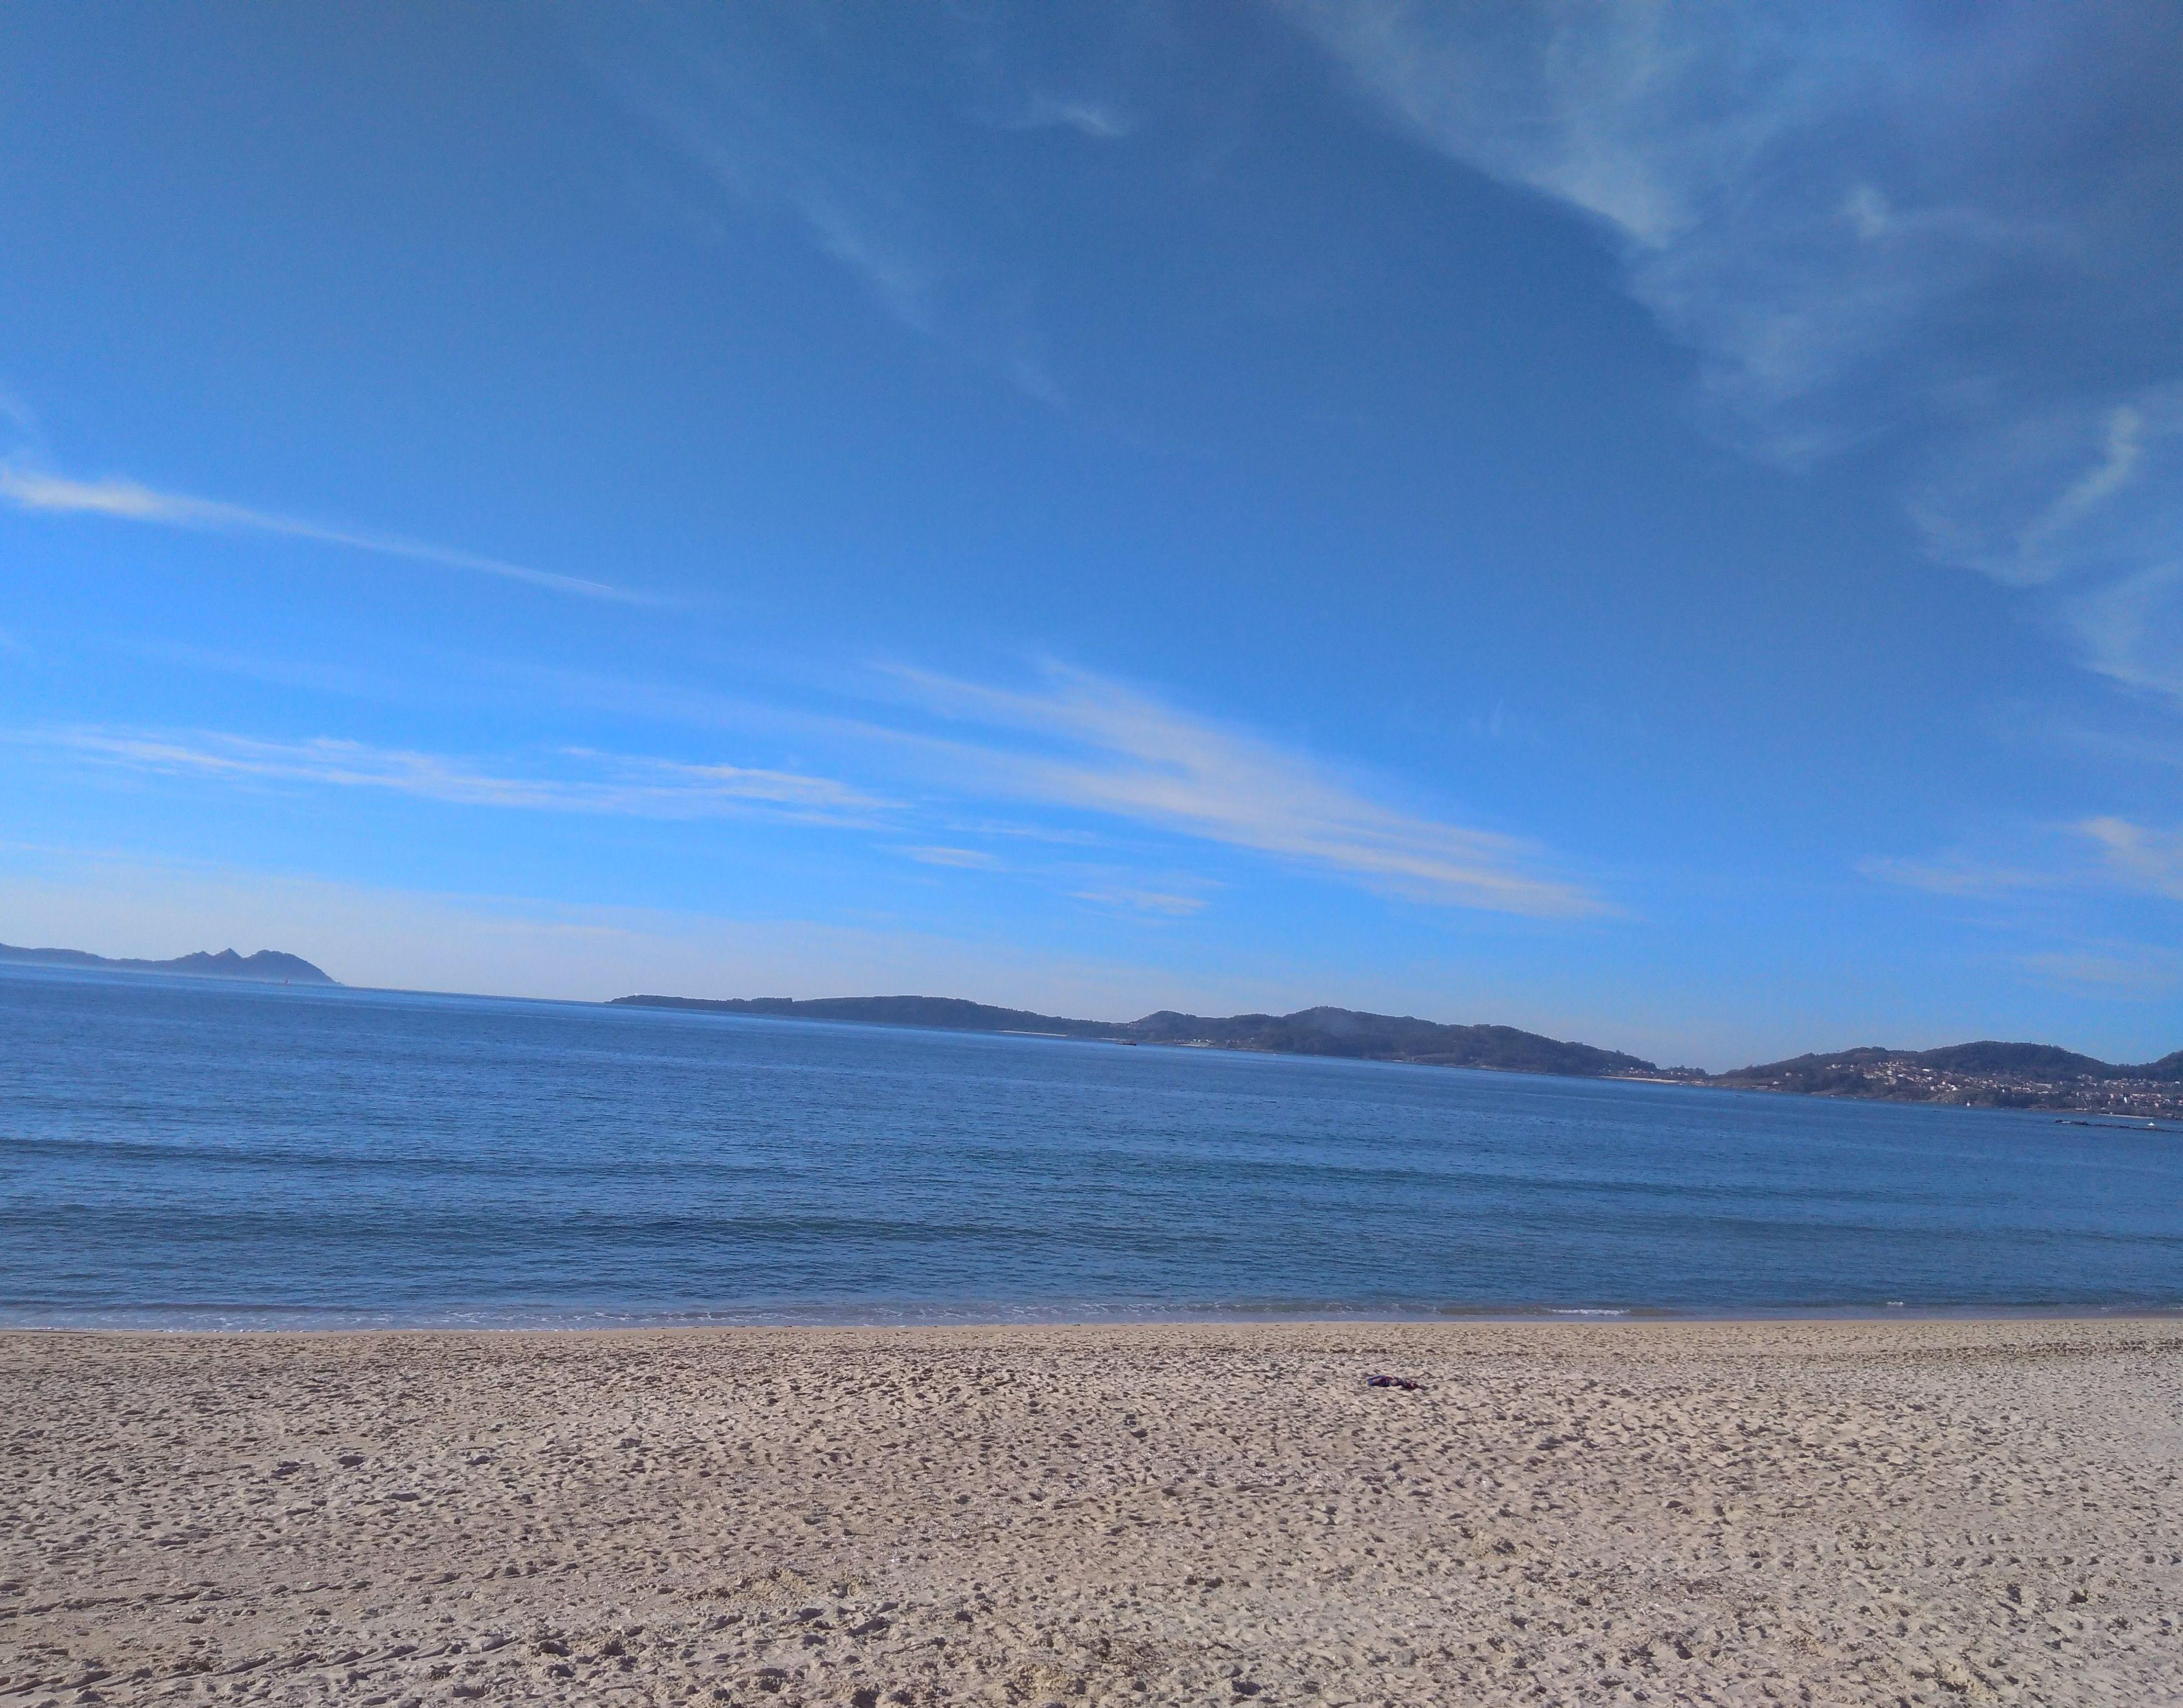 bebetecavigo. Febrero en la playa de Samil, Vigo. bebetecavigo